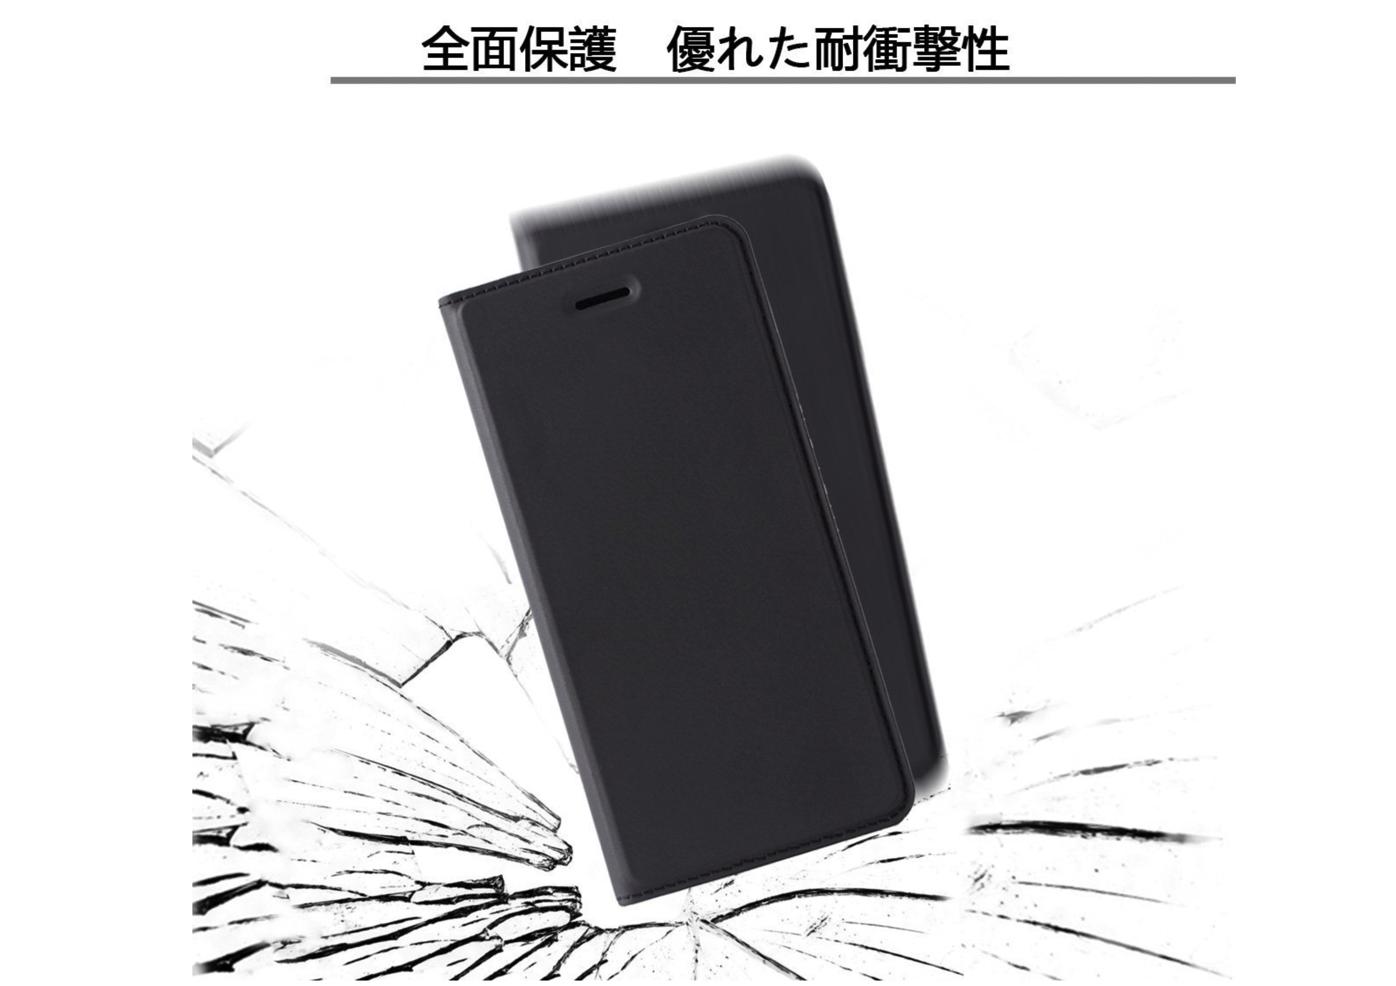 B&B iPhone6 ケース-5